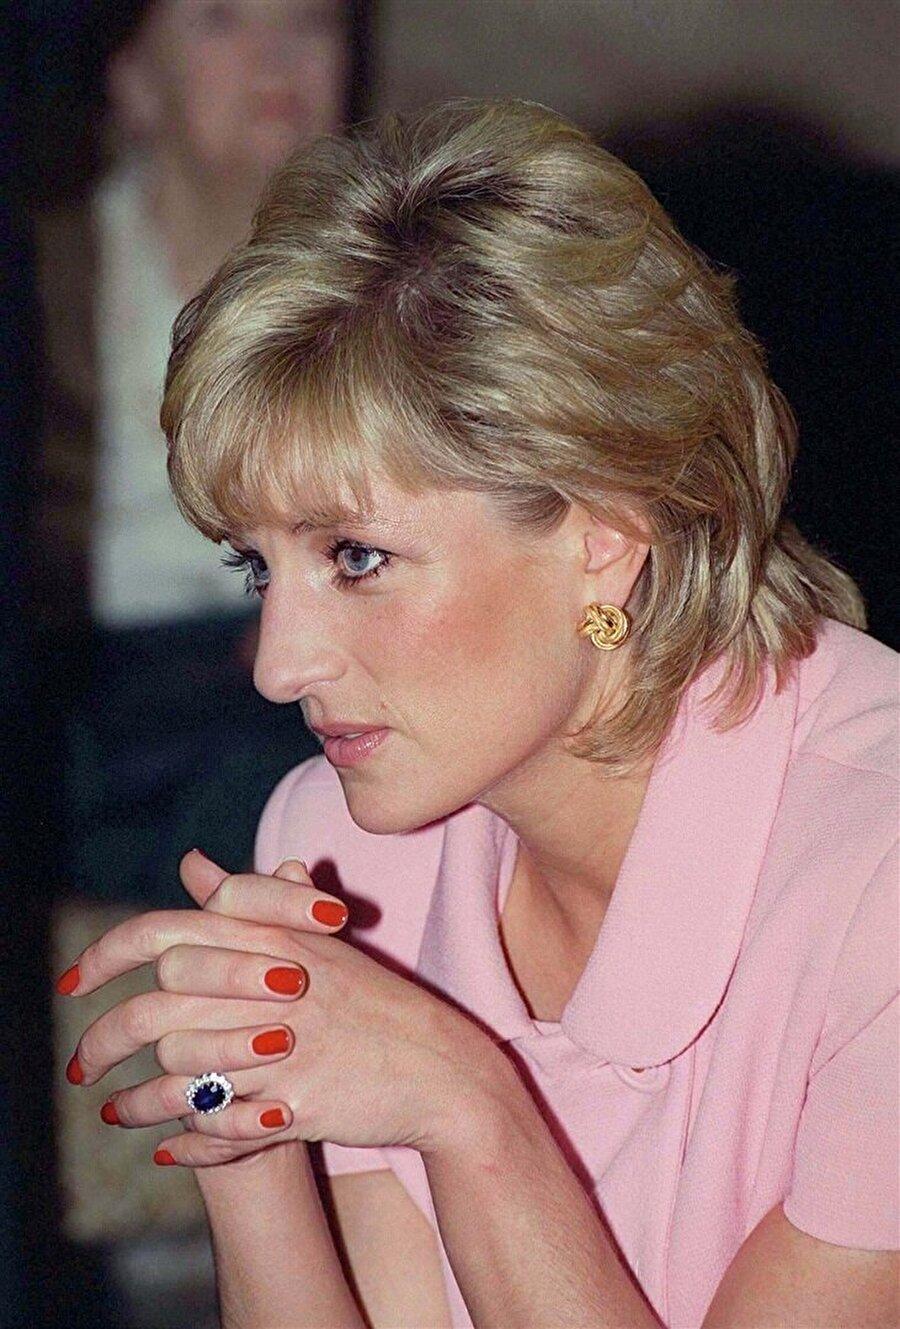 Kate Middleton'ın parmağından hiç çıkarmadığı nişan yüzüğünü, Prenses Diana, House of Garrard markasının tasarımlarının yer aldığı katalogdan bulmuştu.